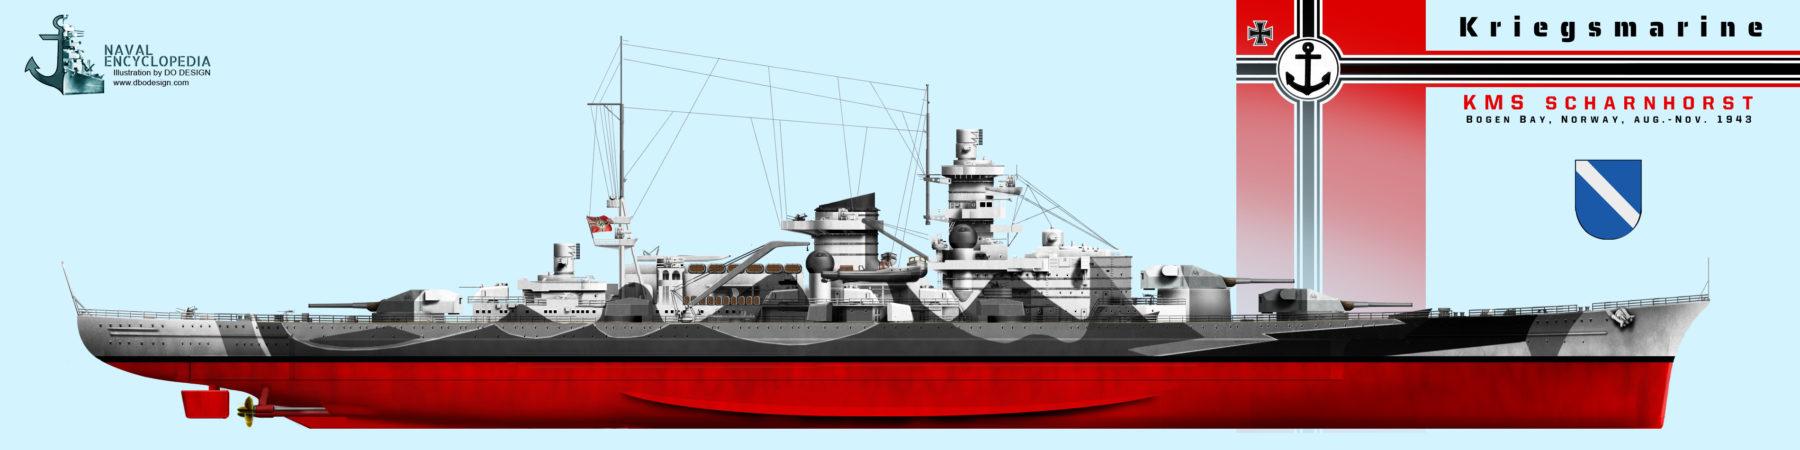 scharnhorst bogen 1943